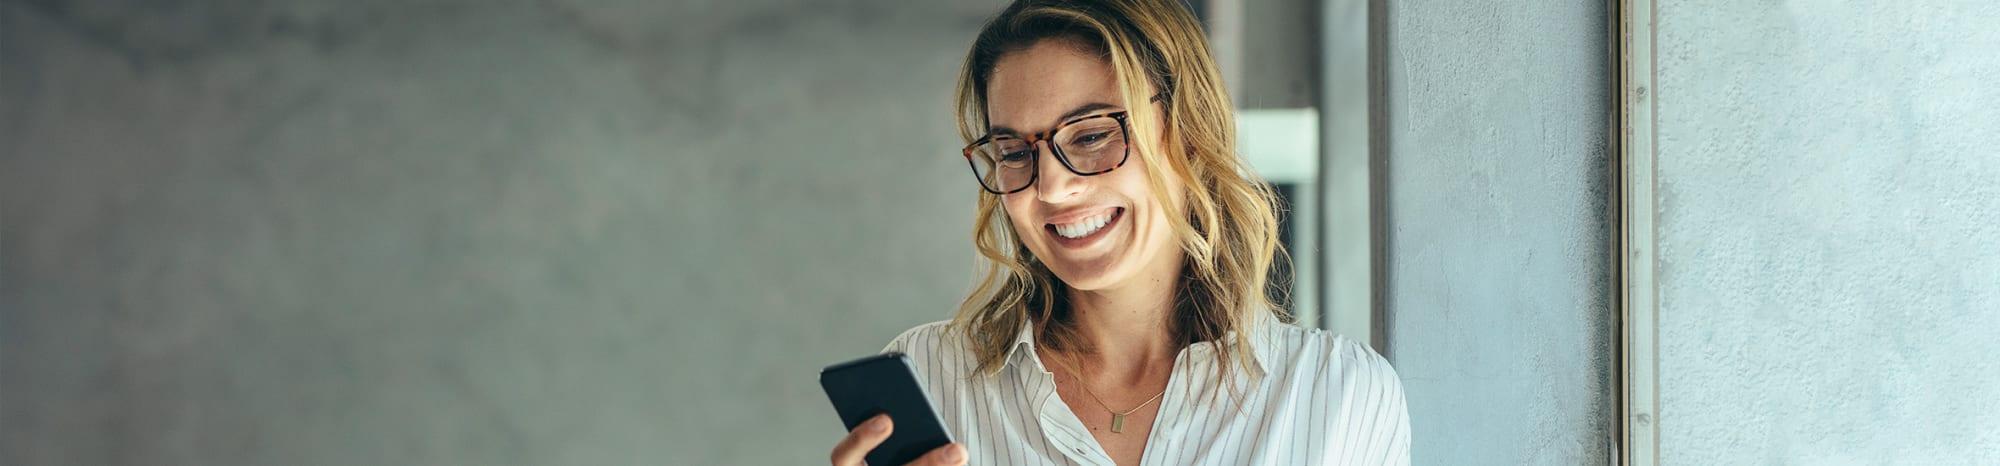 Læsebriller – Se godt på nært hold